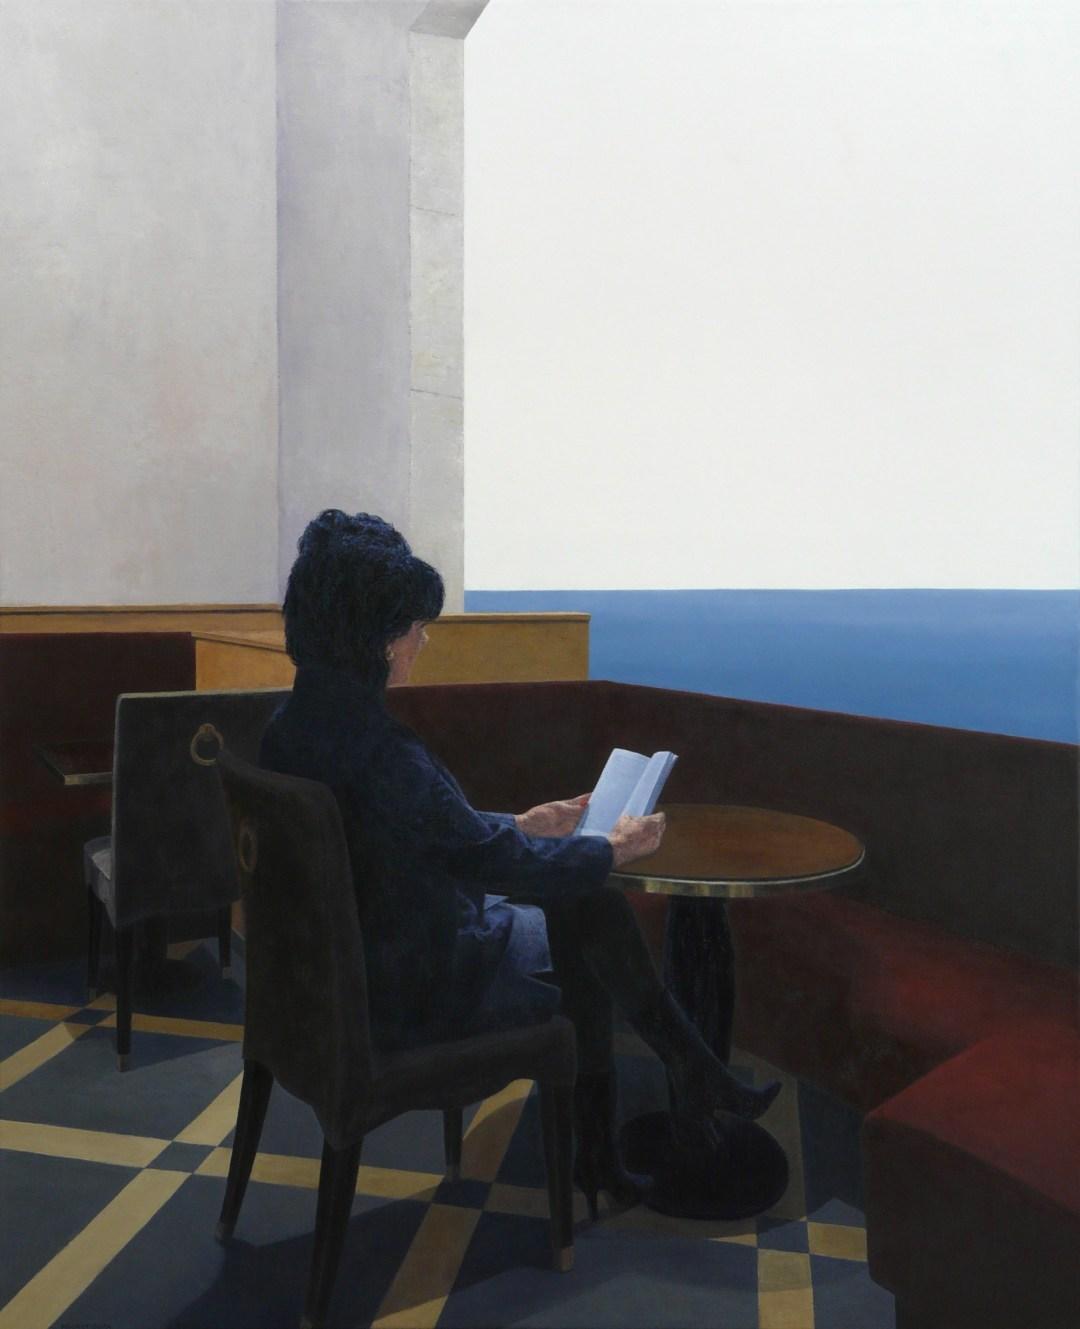 CAFE, 2013, 140x114